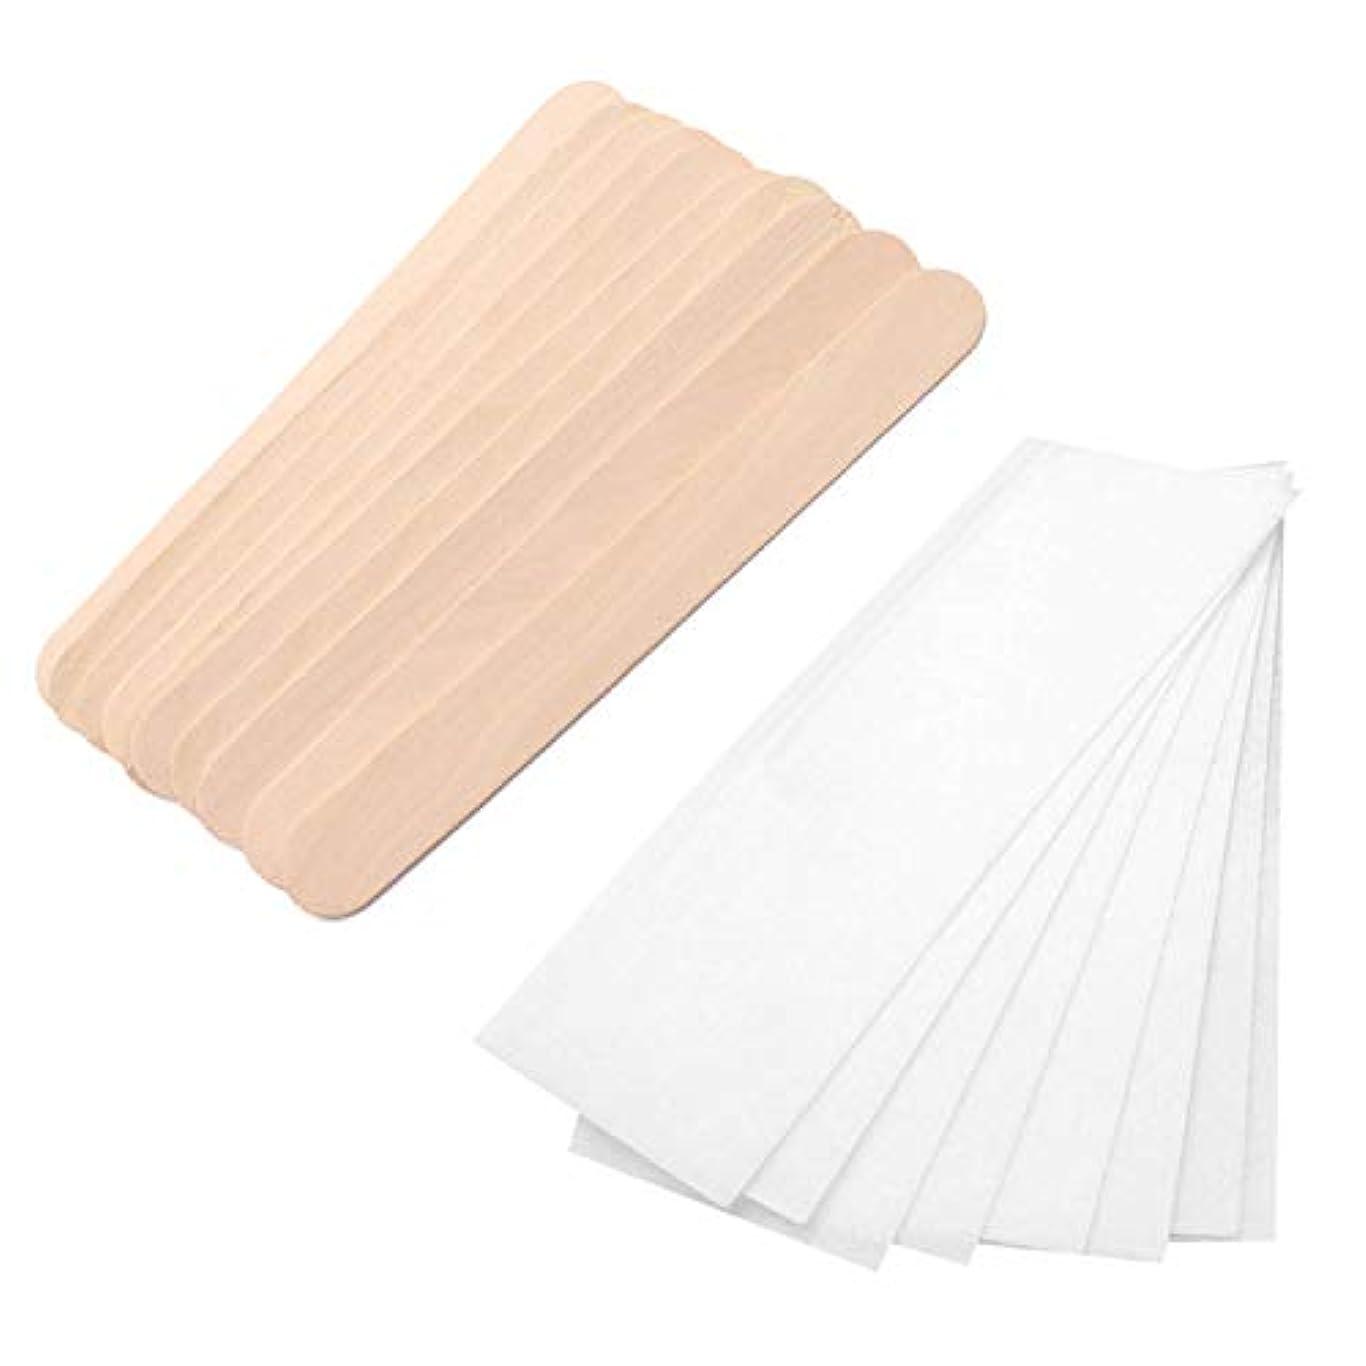 要求するワークショップ練るMigavann 100個木製ワックススティック 使い捨て木製ワックススティックへらアプリケーター 100個不織ワックスストリップ脱毛紙